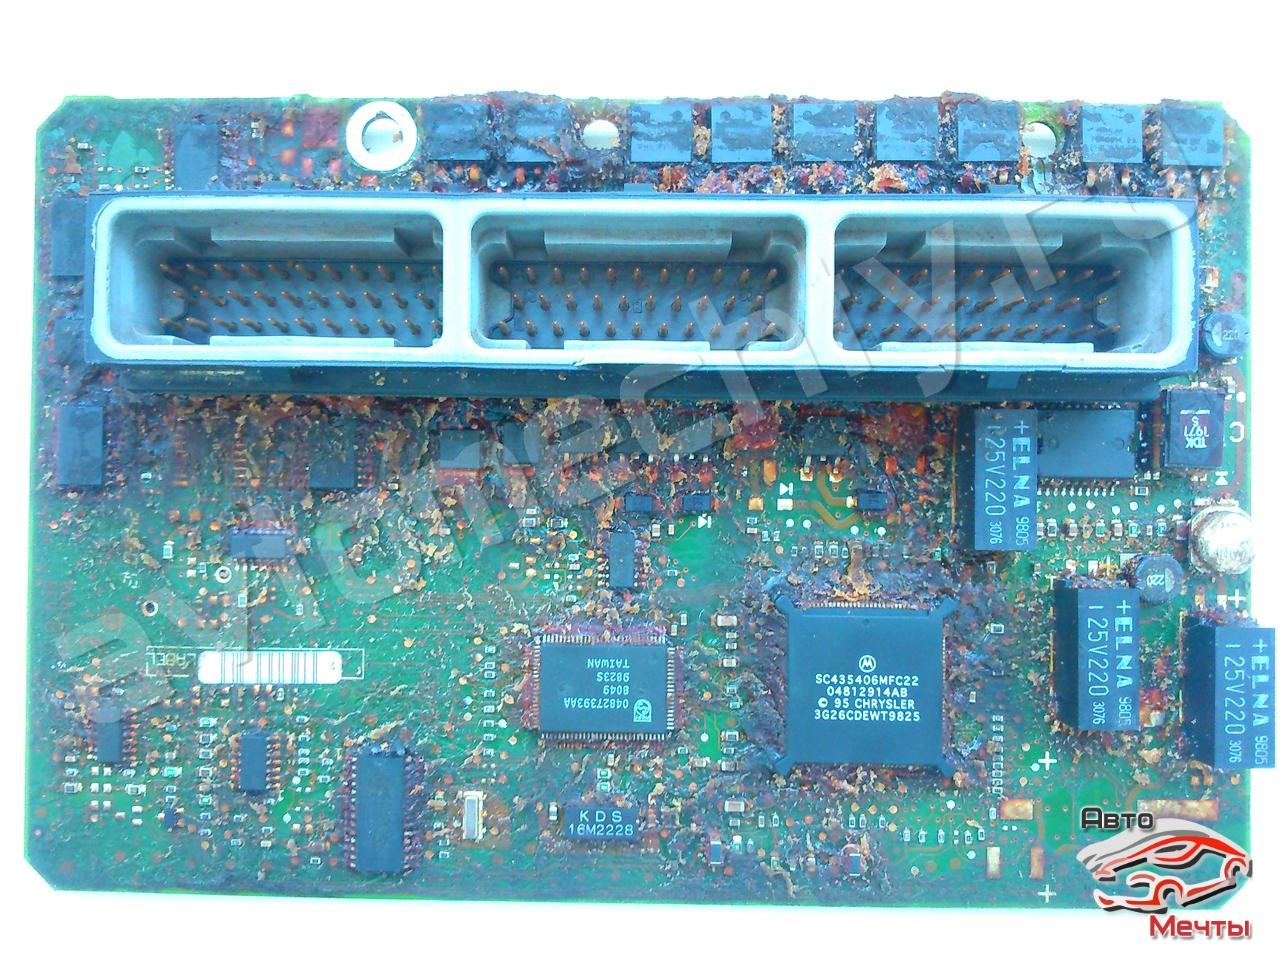 Плата ЭБУ PCM Daimler Chrysler фирмы Chrysler автомобиля JEEP Grand Cherokke со снятым герметиком